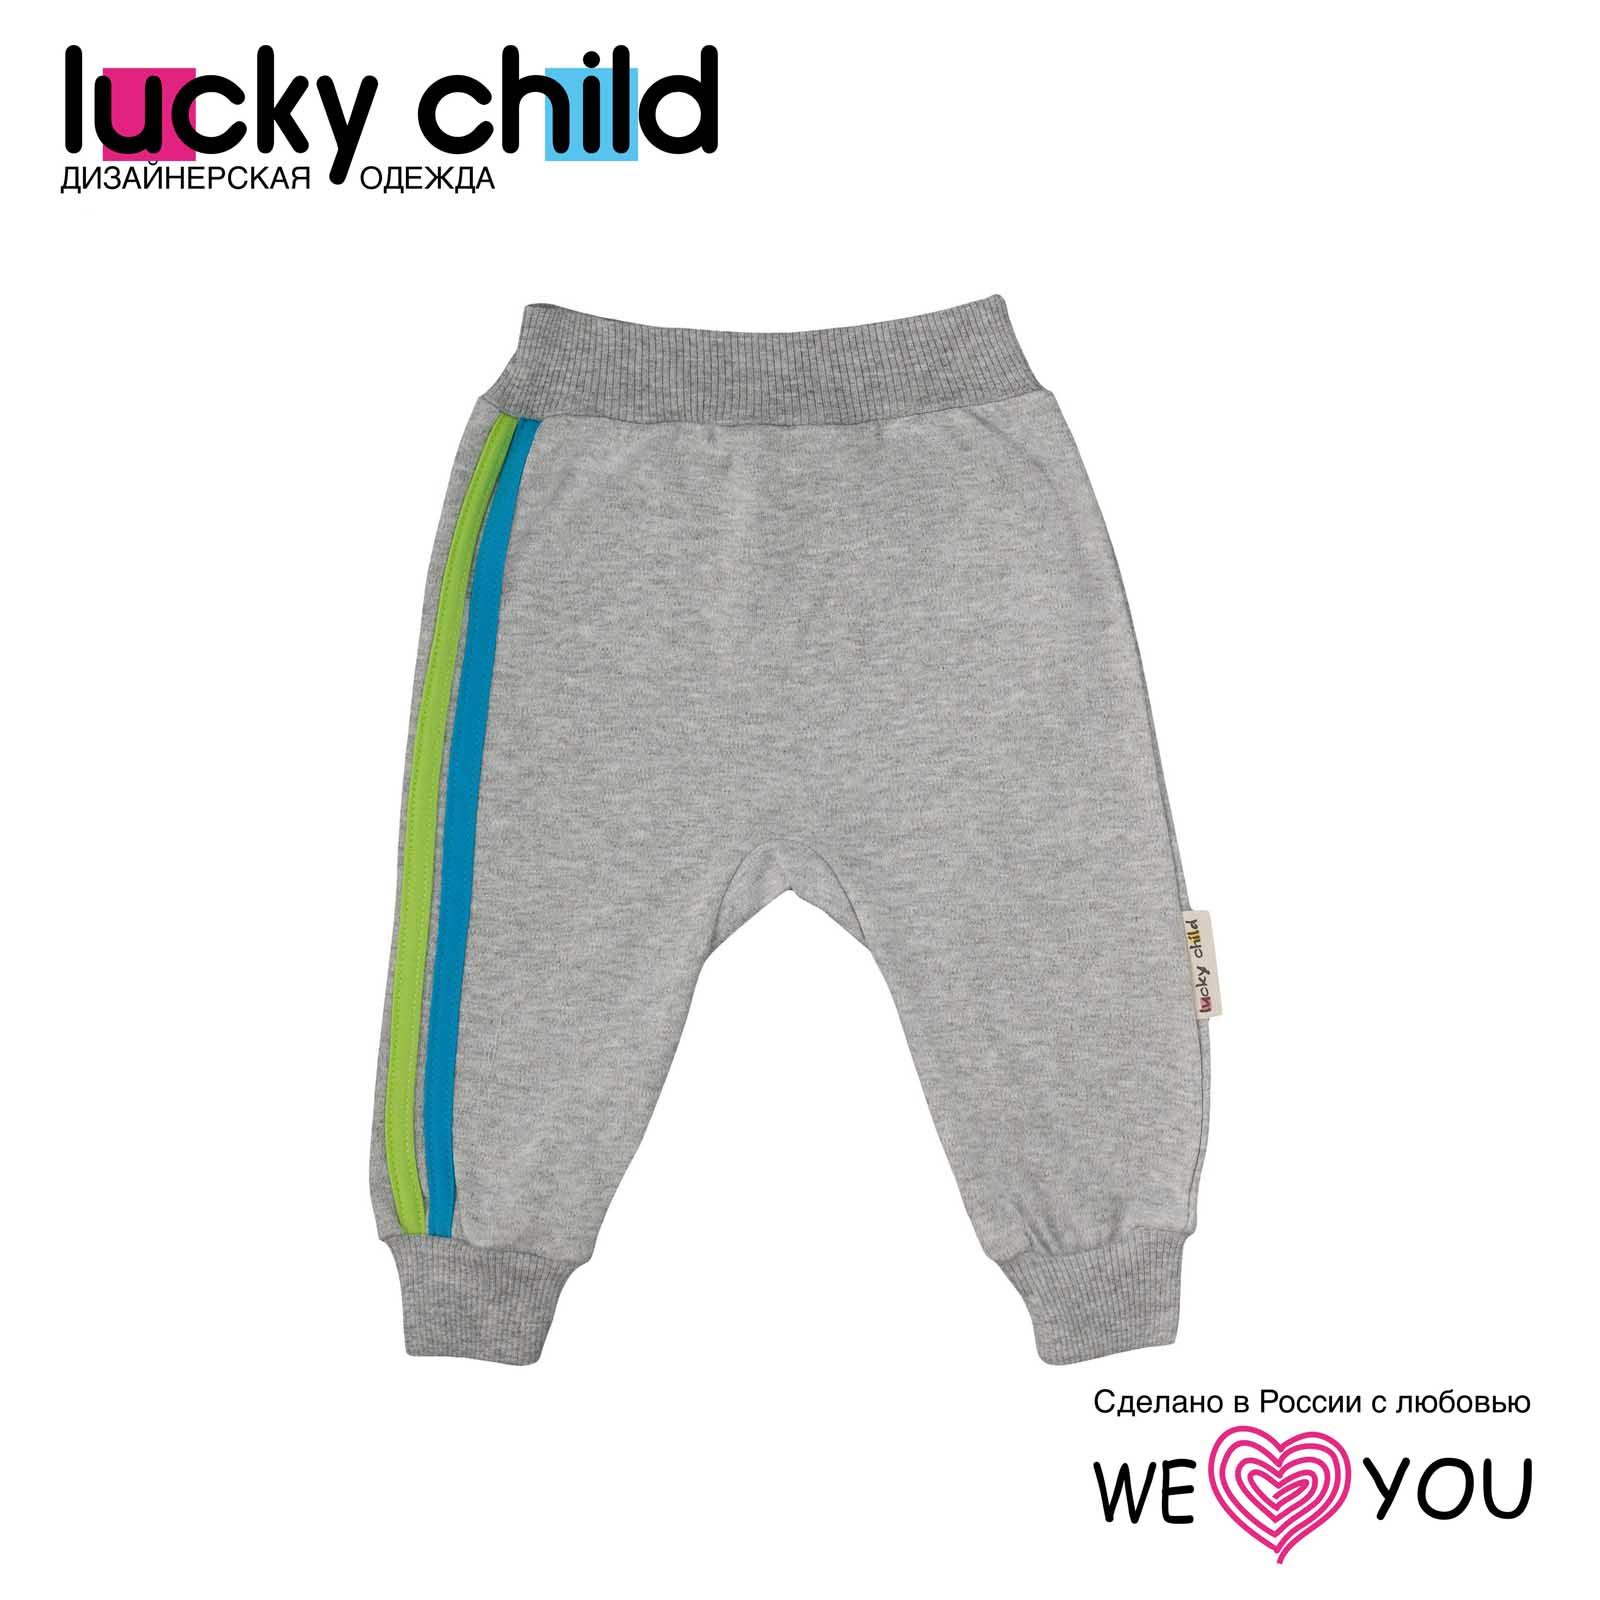 Штанишки Lucky Child коллекция Спортивная линия, для мальчика размер 92<br>